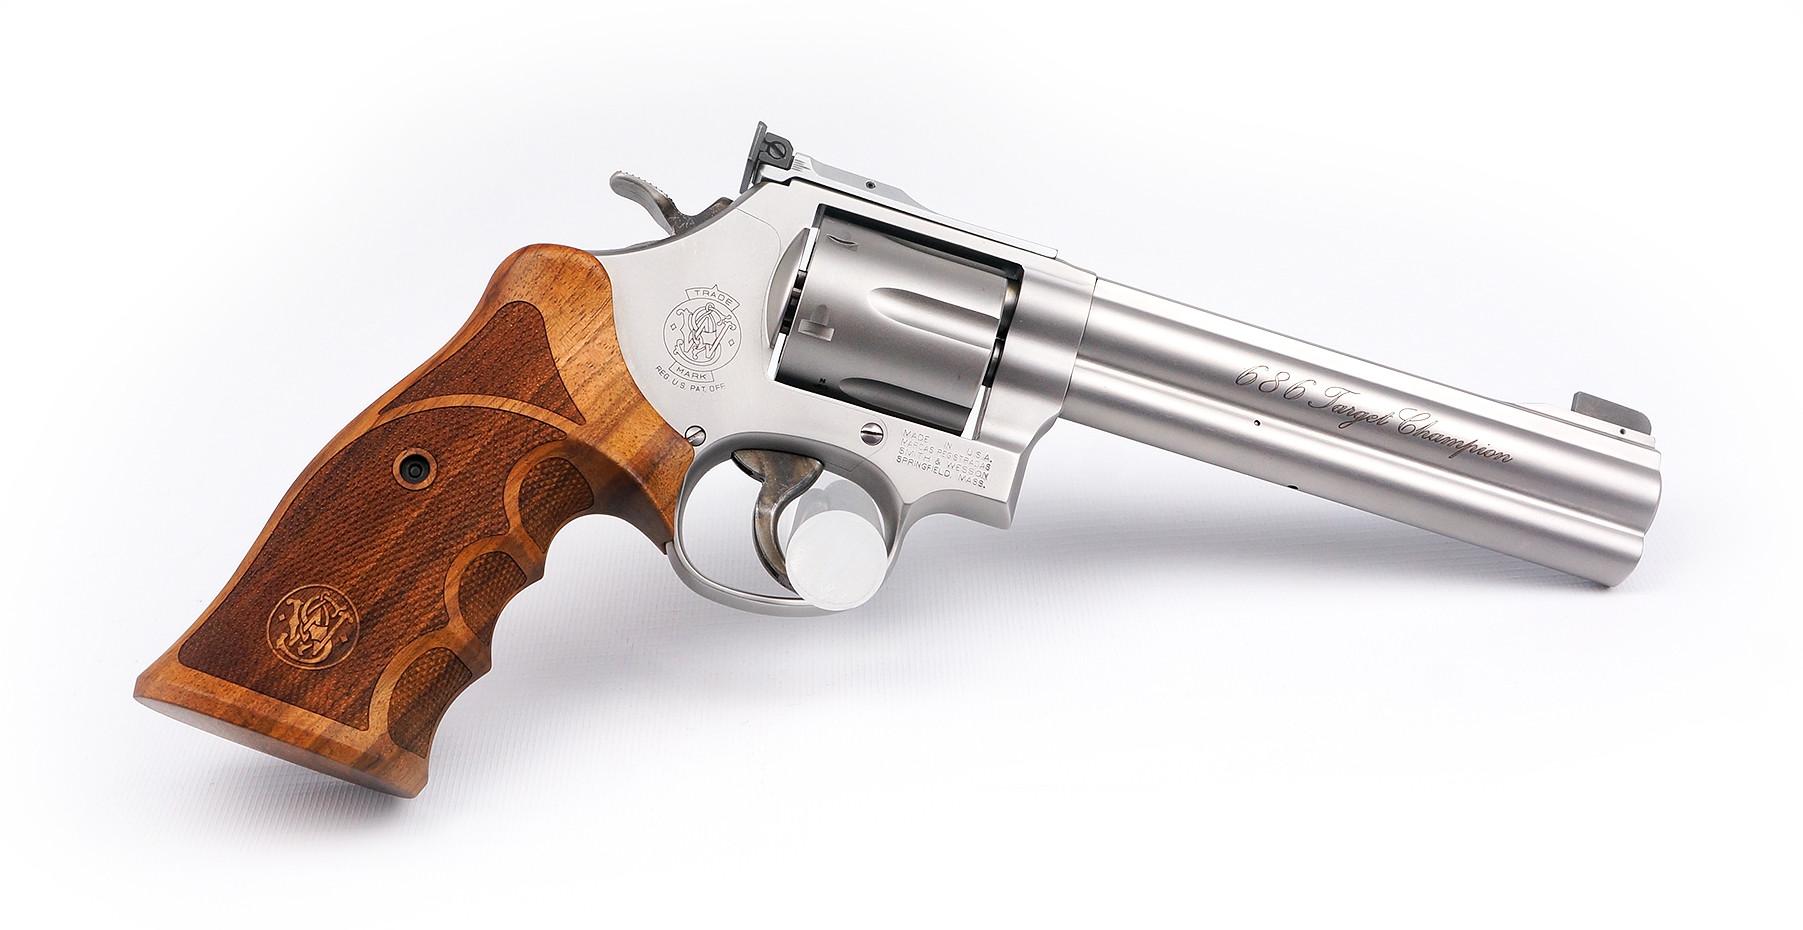 Revolver S&W 686 Target Champion STL matt 6 Zoll .357 Mag. Waffenstube Thalkirchen München Bayern Deutschland